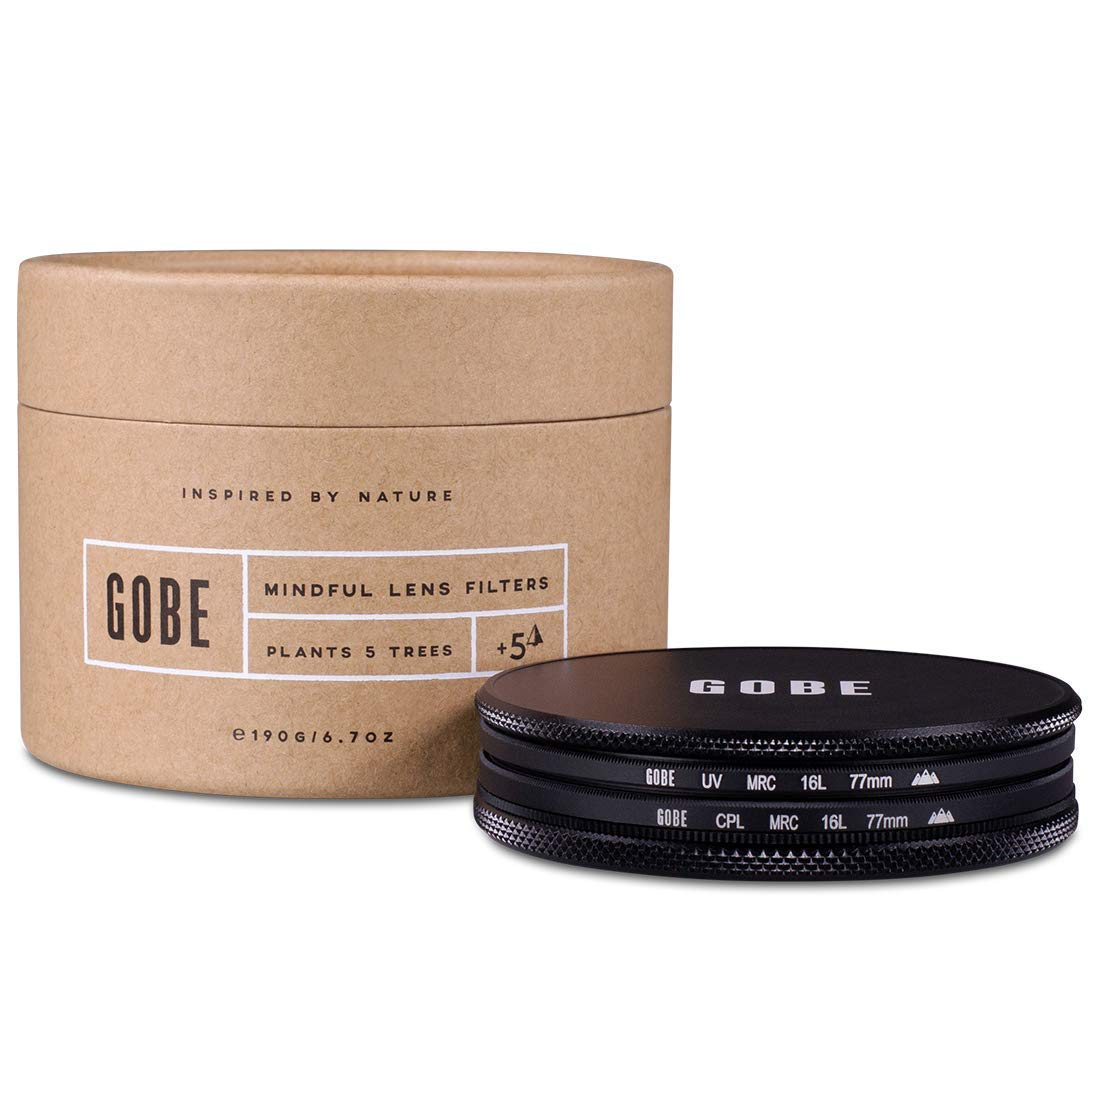 Gobe Filter Kit 77mm Schott MRC 16-Layer: UV + CPL Polarizer by Gobe